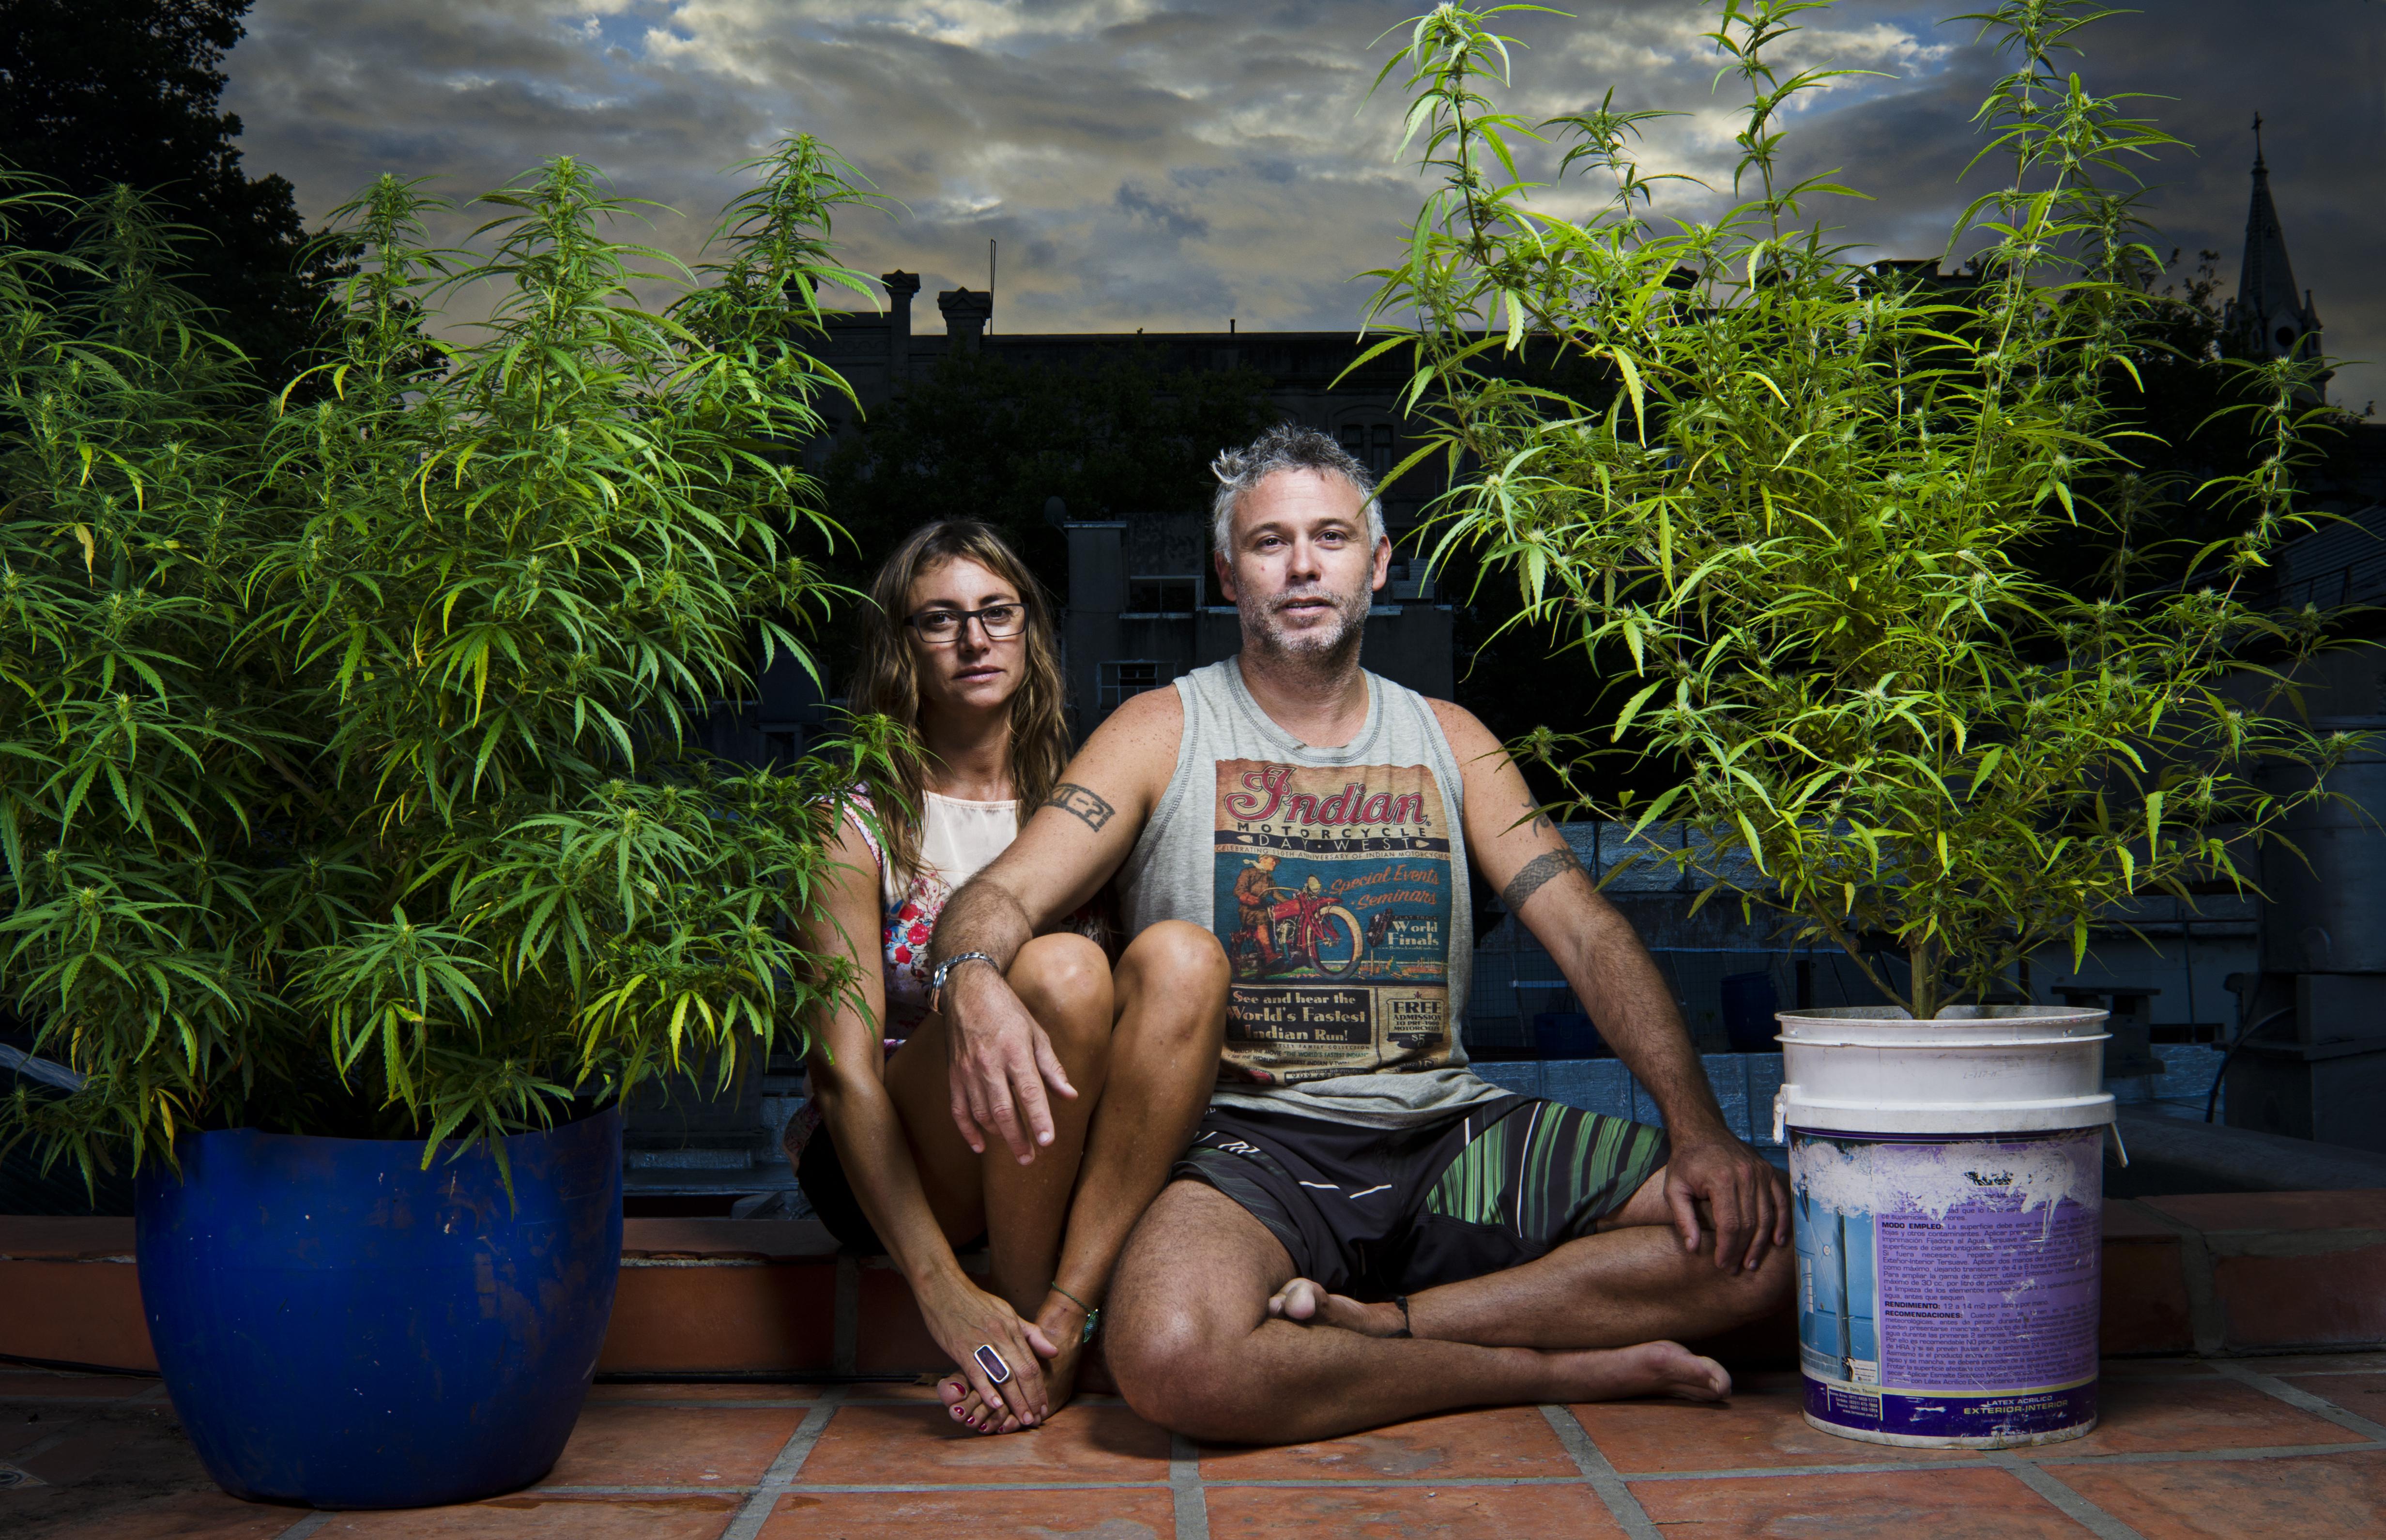 Cultivadores de cannabis en Uruguay. Foto de Mauricio Nieto.